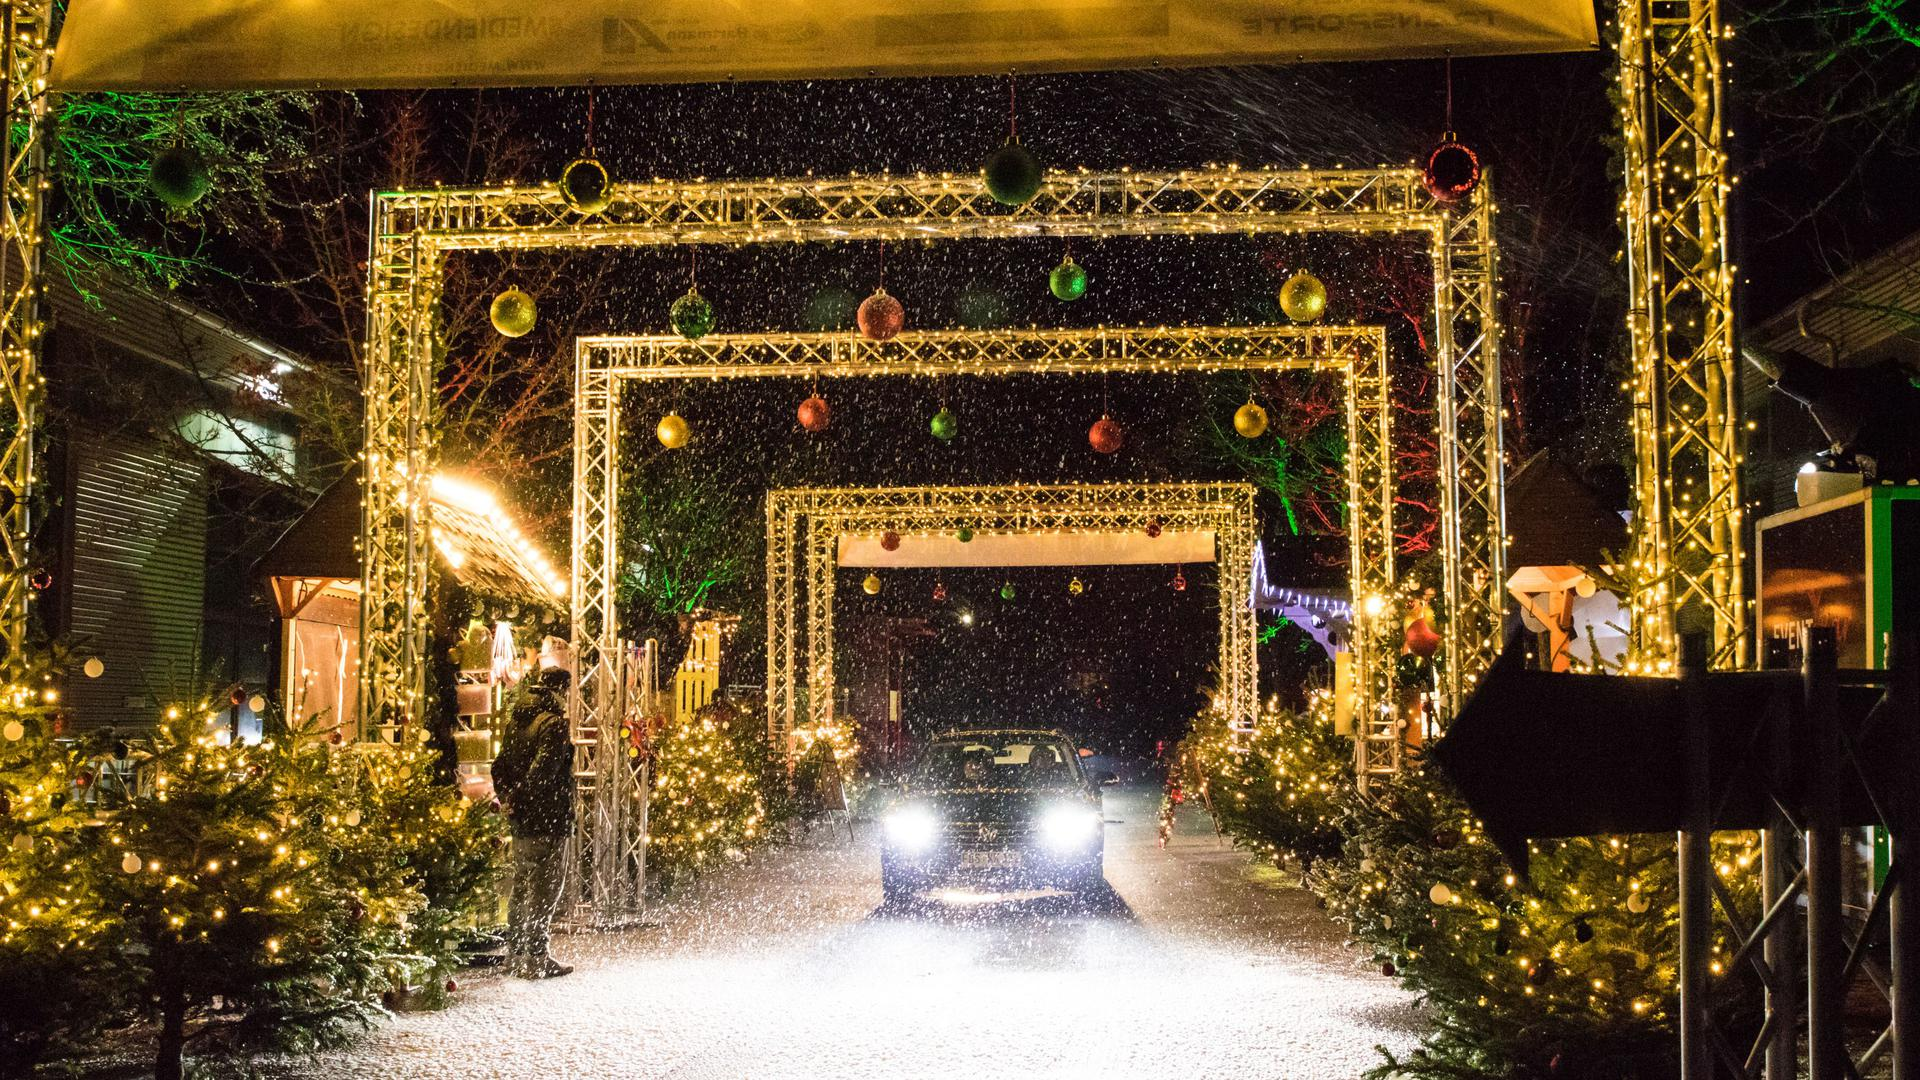 Kunstschnee, funkelnde Dekoration, Glühwein to go und süße Leckereien bescheren Rastatt Weihnachtsstimmung – nach dem Autokino-Revival im Frühjahr, steht der Winter mancherorts im Zeichen der Drive-In Weihnachtsmärkte.